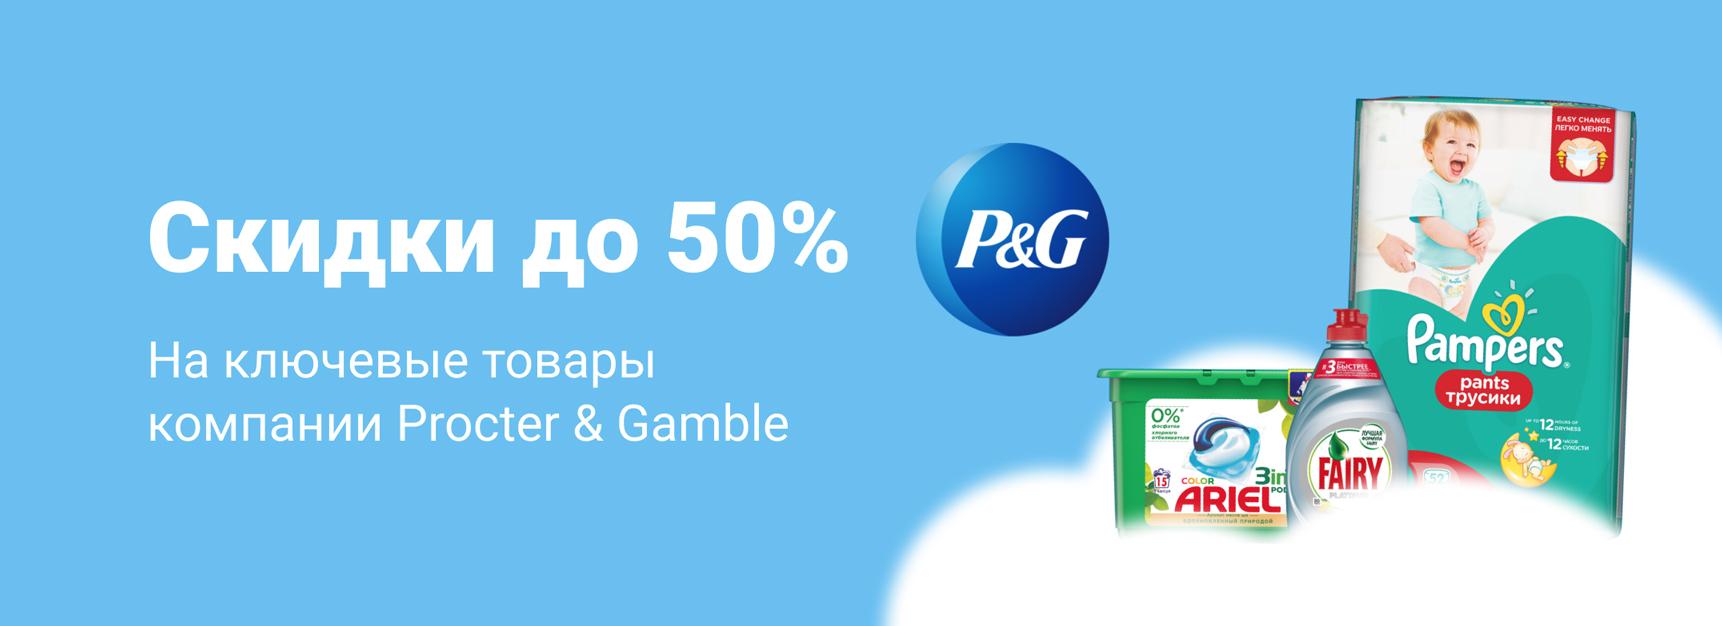 Акция Procter & Gamble